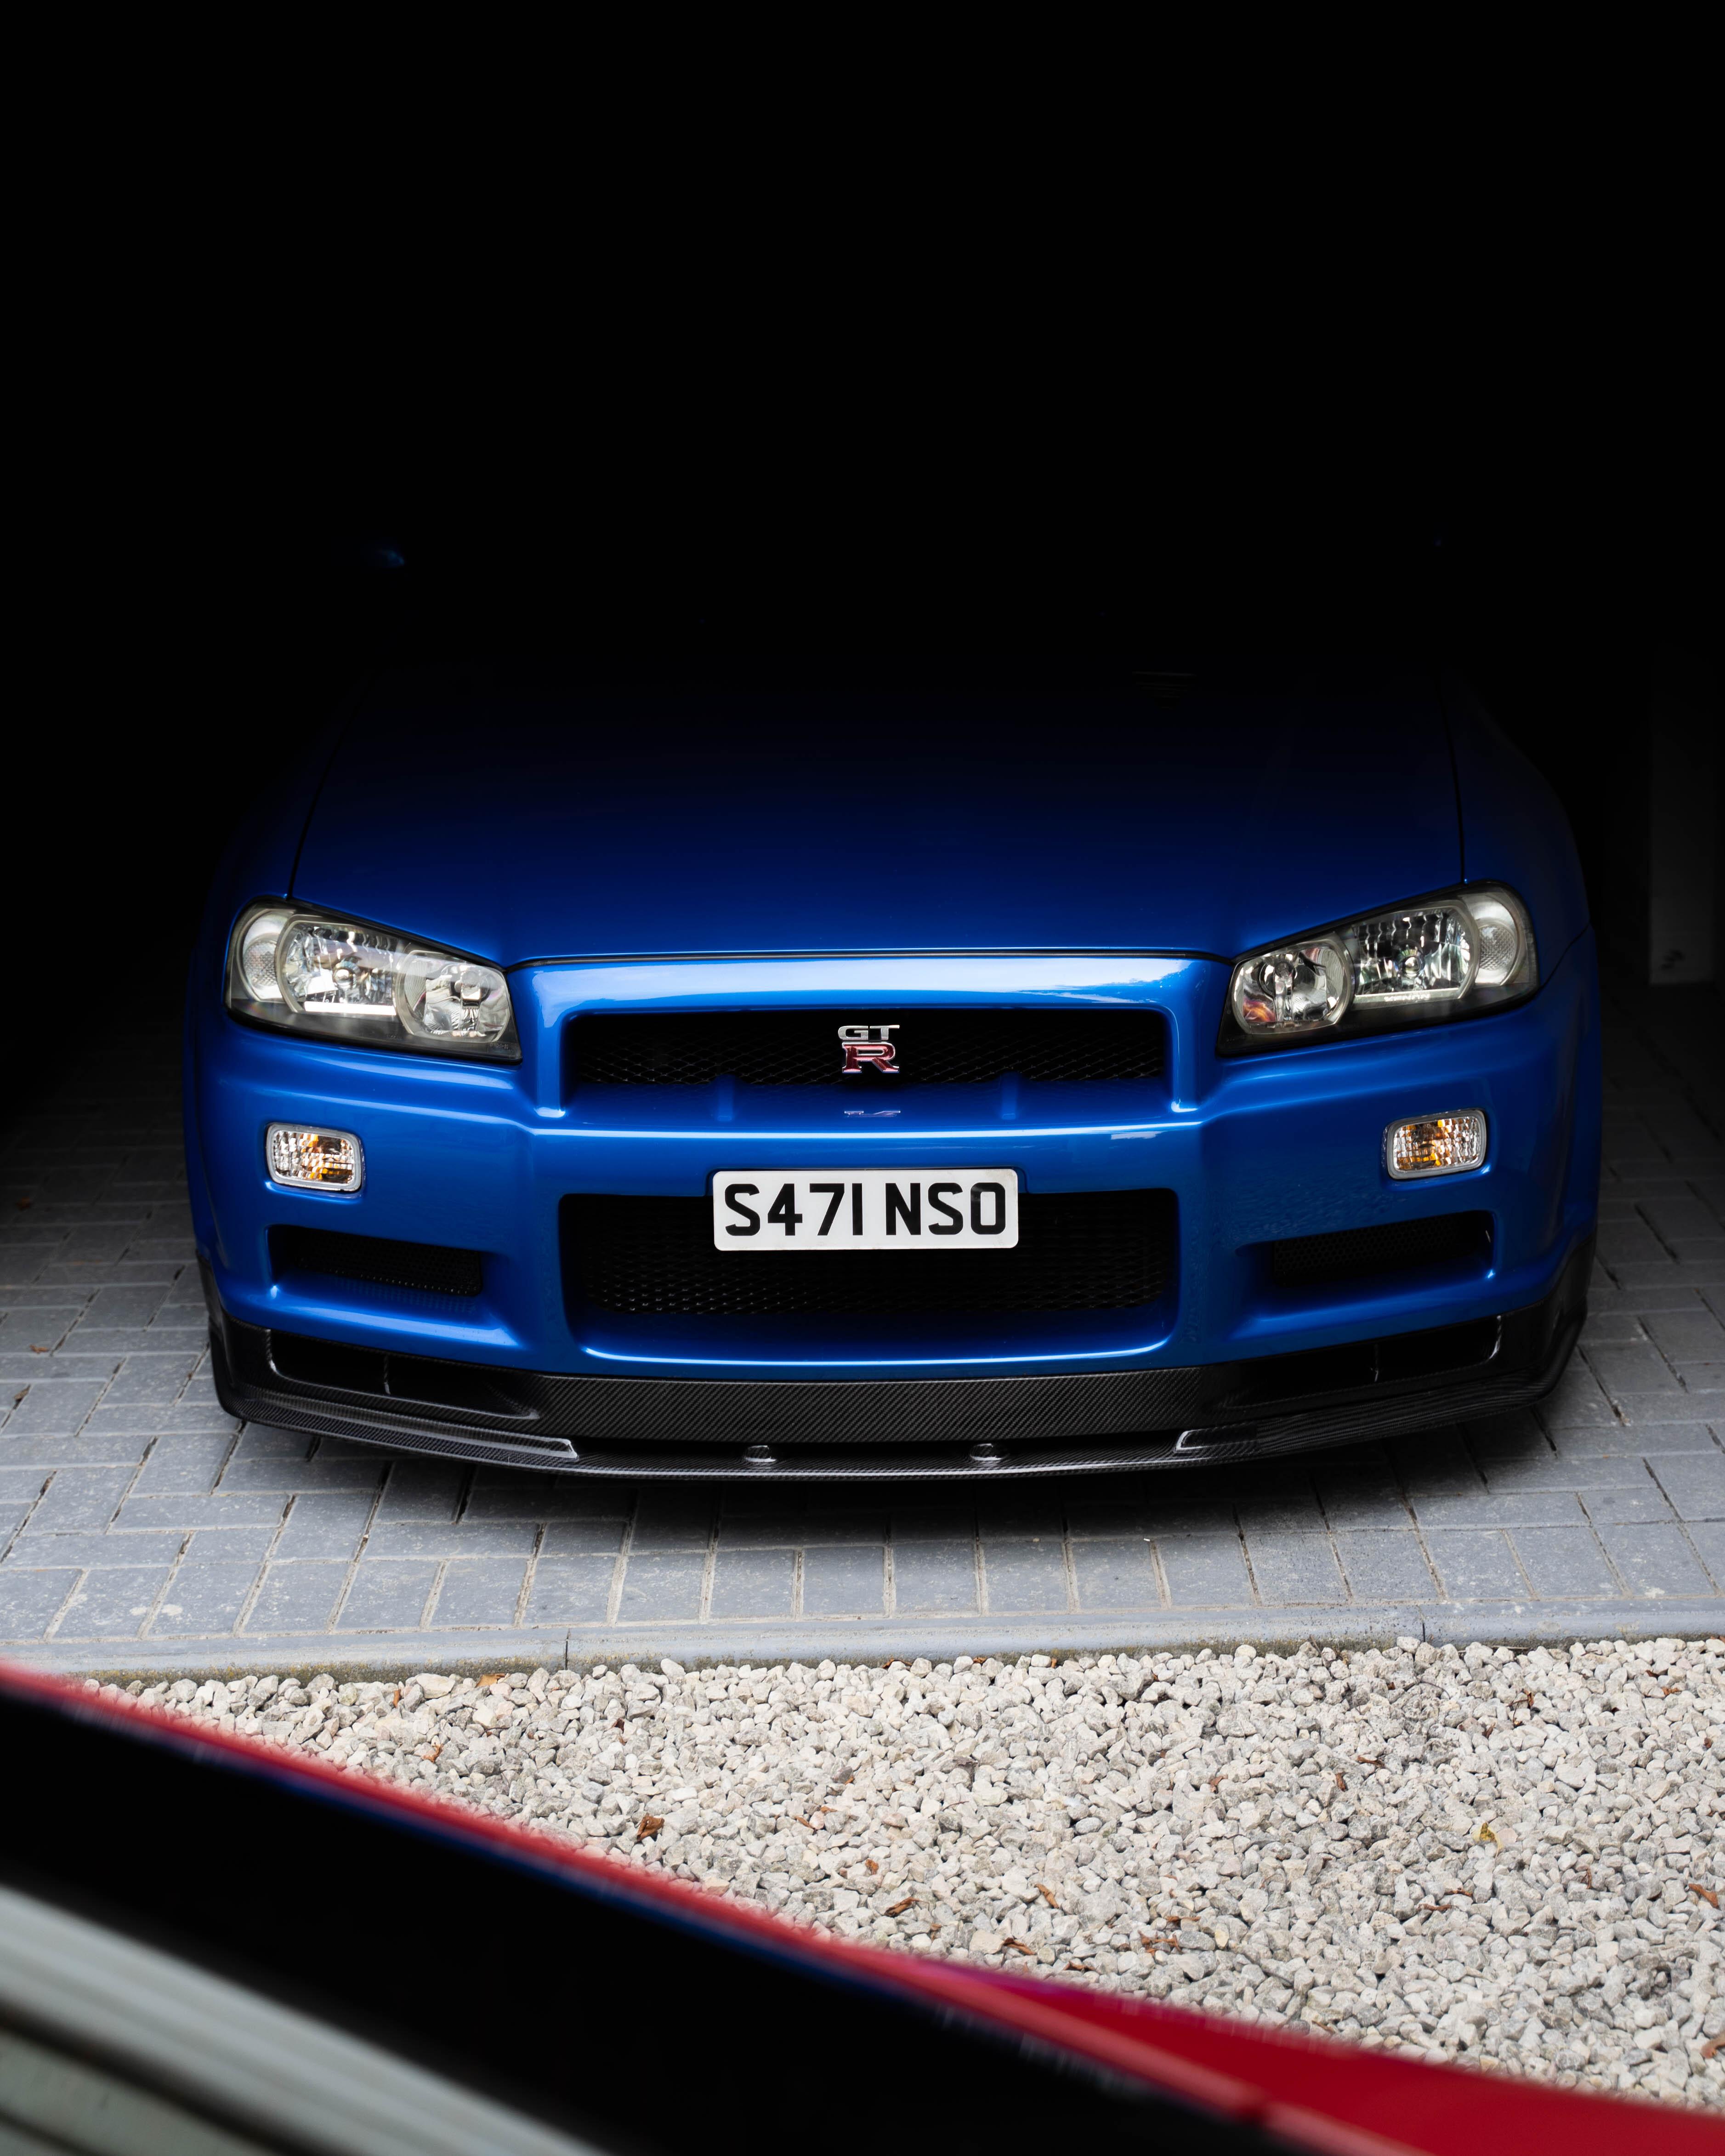 Car in shade